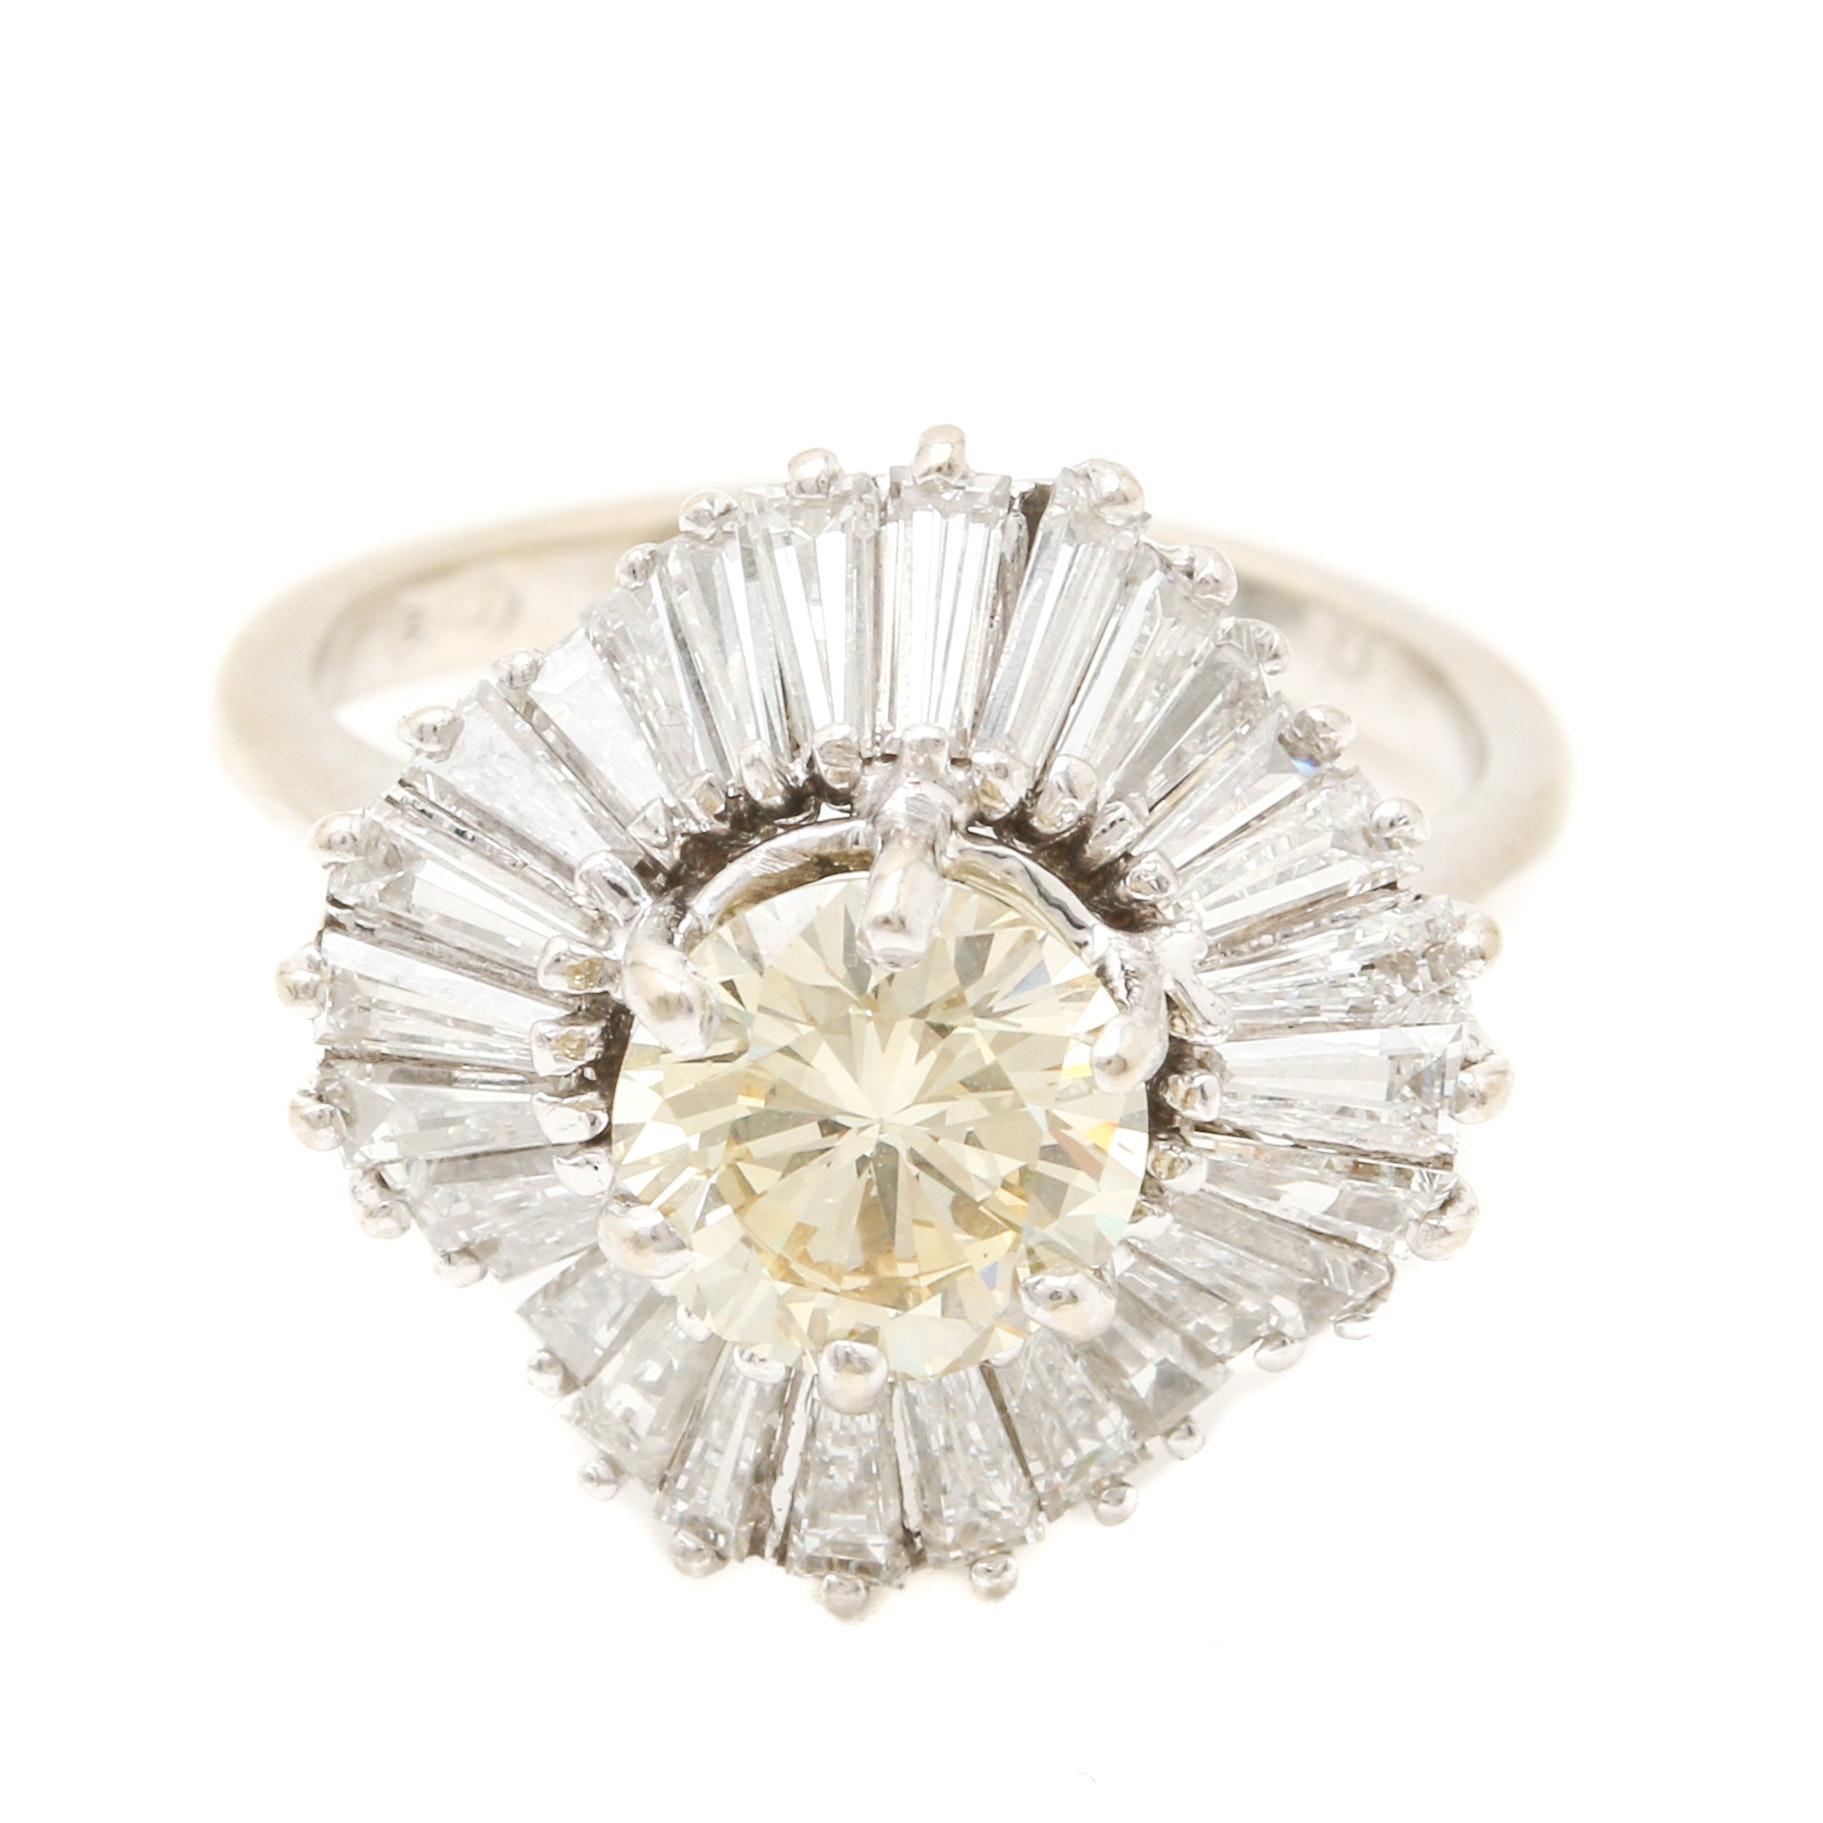 14K and 18K White Gold 3.47 CTW Diamond Ballerina Ring